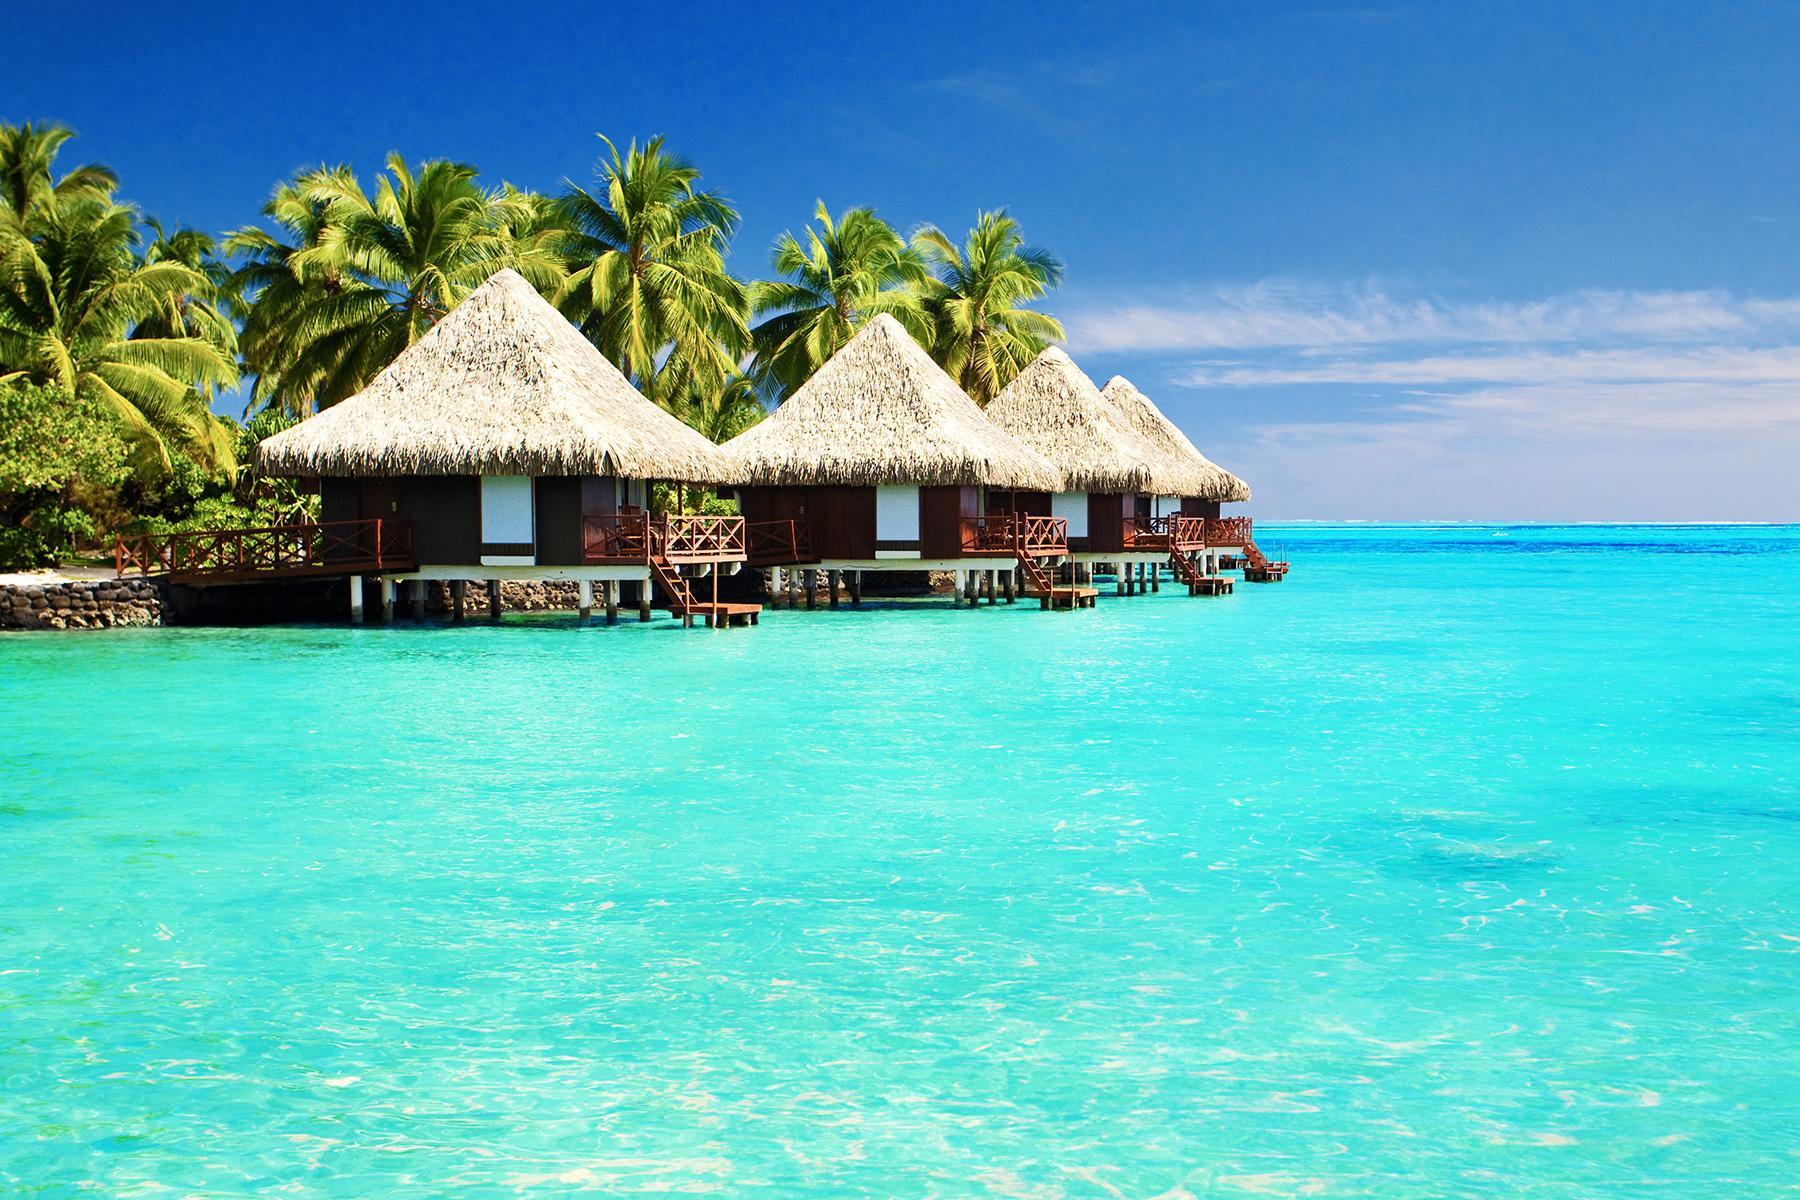 09_15BeachDestinationsforWinterGetaway__BoraBora,Tahiti_shutterstock_95926138